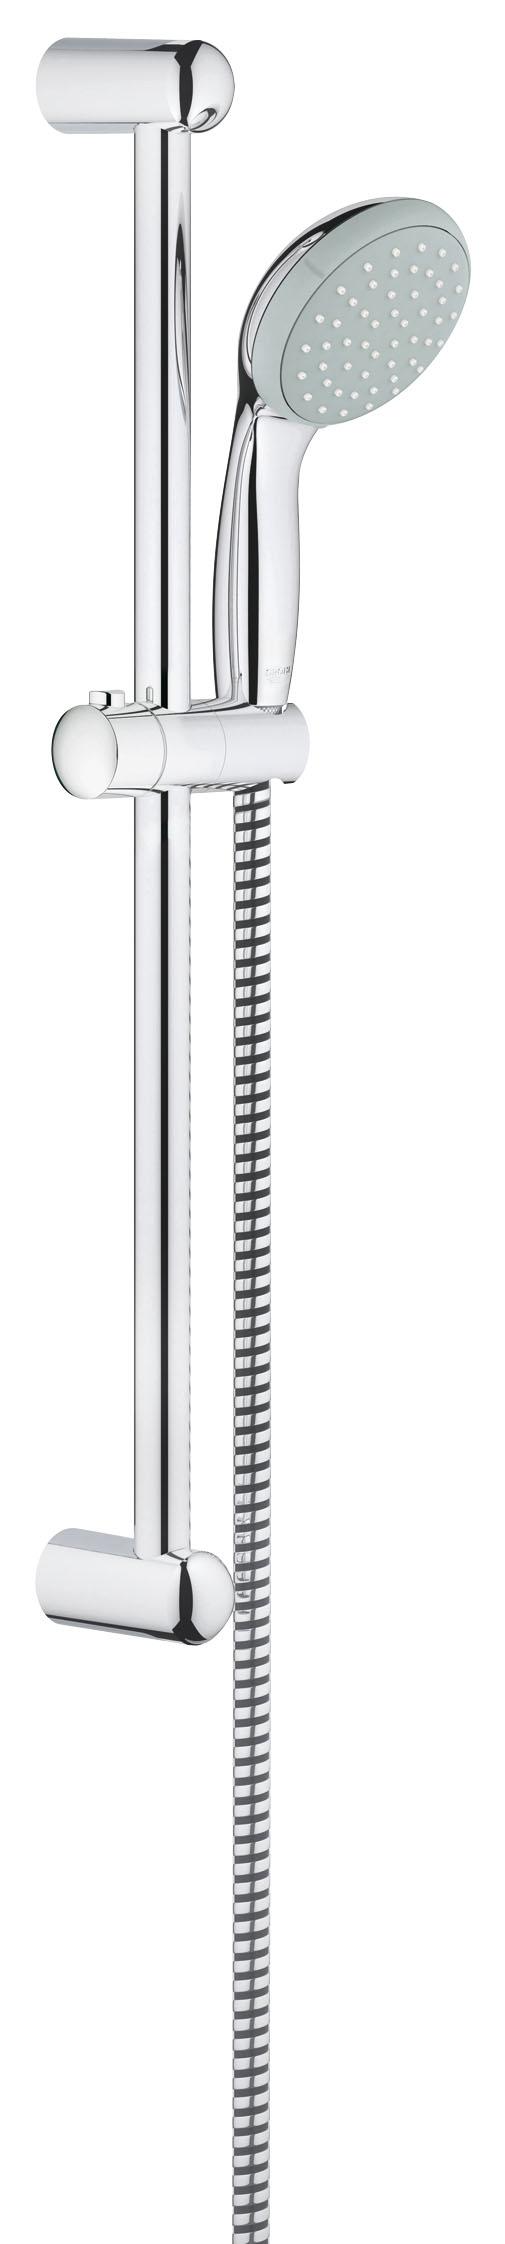 Душевой комплект GROHE New Tempesta, штанга 600мм. (27924000)27924000GROHE New Tempesta 100: душевой гарнитур со штангой длиной 600 мм и душевой головкой диаметром 100 мм, с водосберегающей технологией Если Вам необходимо сочетание великолепных функциональных характеристик и привлекательного дизайна, остановите свой выбор на этом душевом гарнитуре GROHE New Tempesta 100, в комплект которого входят душевая головка, душевая штанга и душевой шланг. Он оснащен водосберегающим механизмом GROHE EcoJoy, который даже при максимальном напоре ограничивает расход воды 9,5 литрами в минуту, позволяя спокойно наслаждаться длительным купанием. В режиме струи Rain поток капель погрузит Вас в ощущение неги, как при посещении спа, в то время как технология GROHE DreamSpray обеспечит равномерность подачи воды через все форсунки. В конструкции душевой головки предусмотрена система SpeedClean, предотвращающая известкование. Глянцевое хромированное покрытие GROHE StarLight достаточно протирать сухой салфеткой для поддержания его безупречной чистоты. Благодаря всем этим преимуществам данный душевой гарнитур является идеальным выбором, который обеспечит Вам ежедневный комфорт.Особенности:Включает в себя: Ручной душ (27 923 000) Душевая штанга, 600 мм (27 523 000) Душевой шланг Relexaflex 1750 мм 1/2? x 1/2? (28 154 000) 9,5 л/мин ограничитель расхода воды GROHE EcoJoy - технология совершенного потока при уменьшенном расходе водыGROHE DreamSpray превосходный поток воды GROHE StarLight хромированная поверхностьС системой SpeedClean против известковых отложений Внутренний охлаждающий канал для продолжительного срока службы ShockProof силиконовое кольцо, предотвращающееПовреждение поверхности при падении ручного душа Может использоваться с проточным водонагревателемВидео по установке является исключительно информационным. Установка должна проводиться профессионалами!